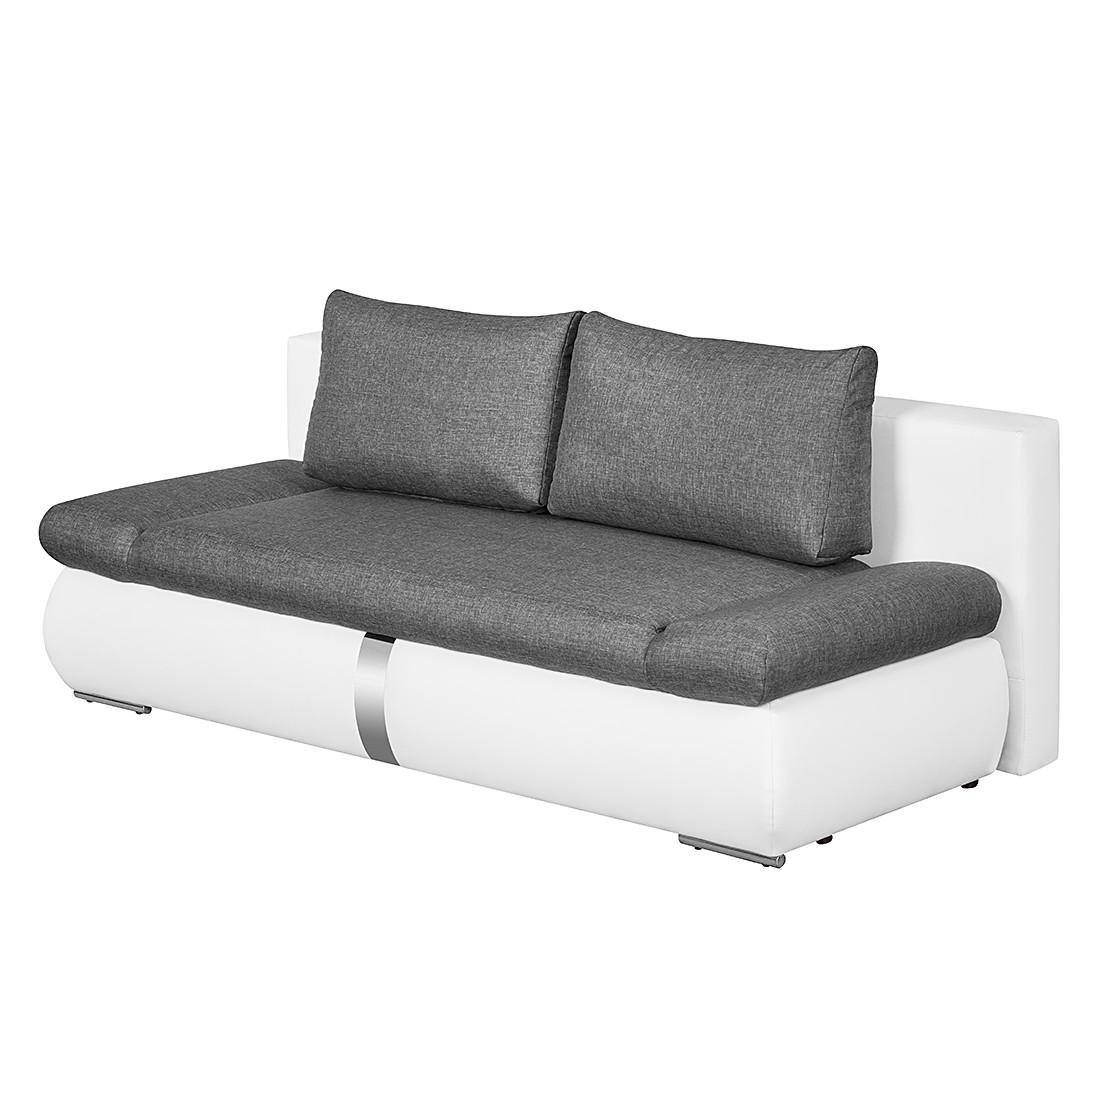 Schlafsofa Girard II mit Chromleiste – Kunstleder/Webstoff – Weiß / Dunkelgrau, roomscape jetzt kaufen